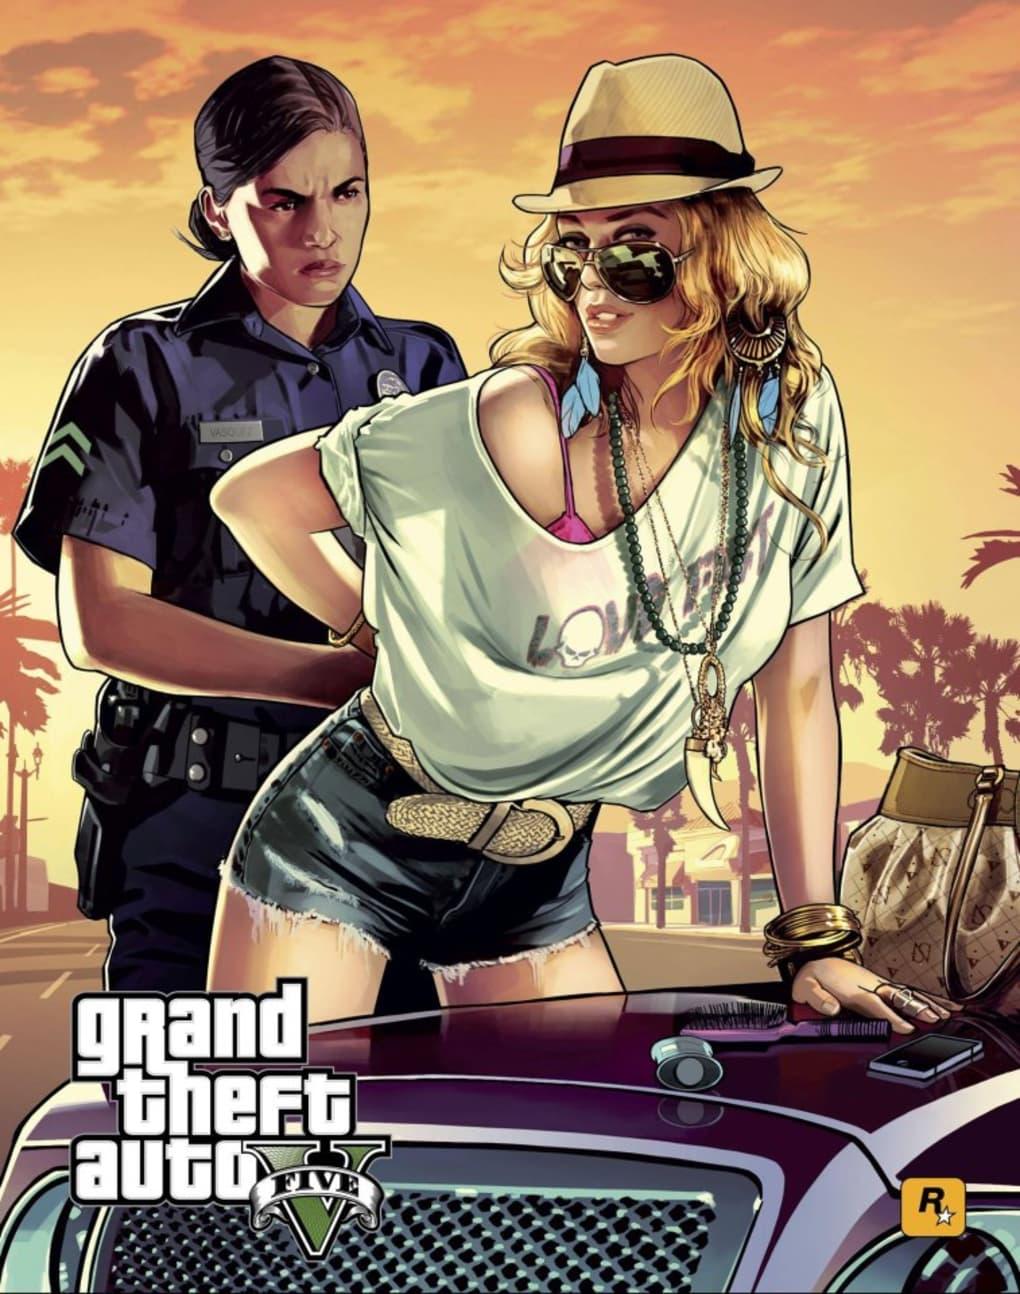 GTA V Trailer 2 - Download